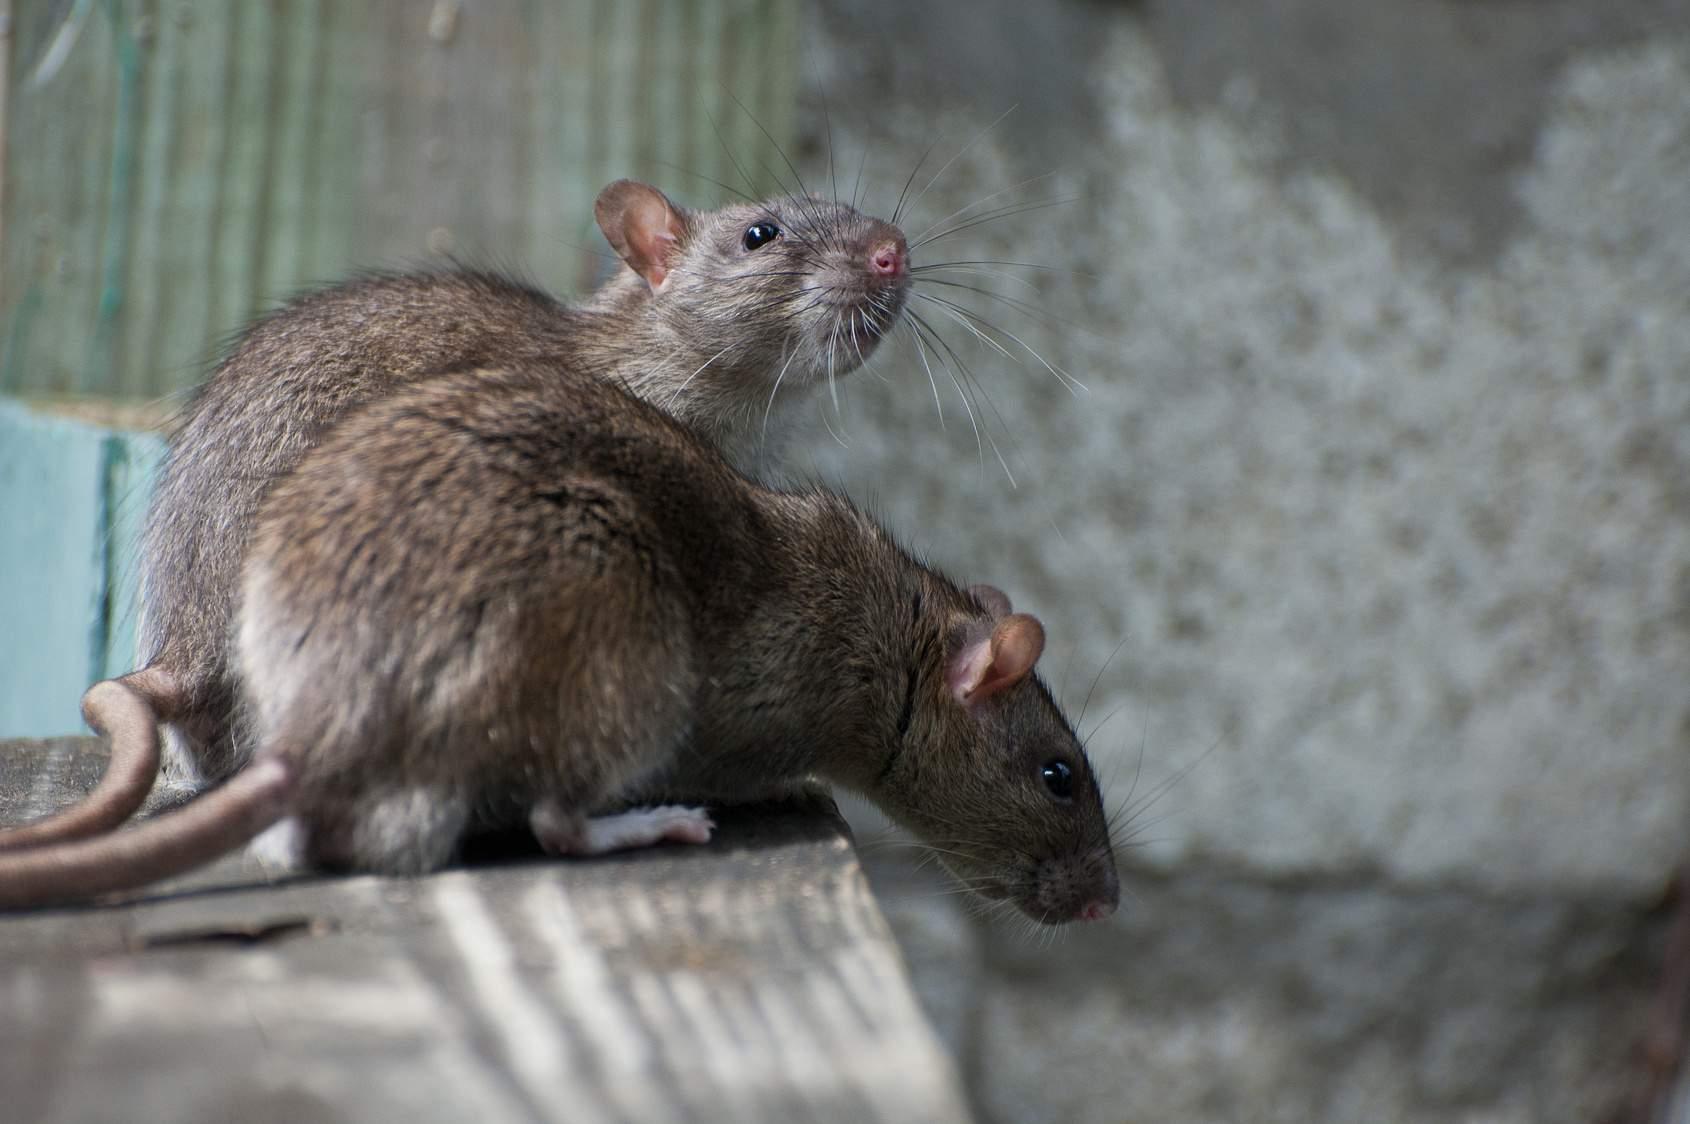 Ratten Im Garten Frisch Ratten Und Mäuse Te Sicher & Rechtskonform Einsetzen